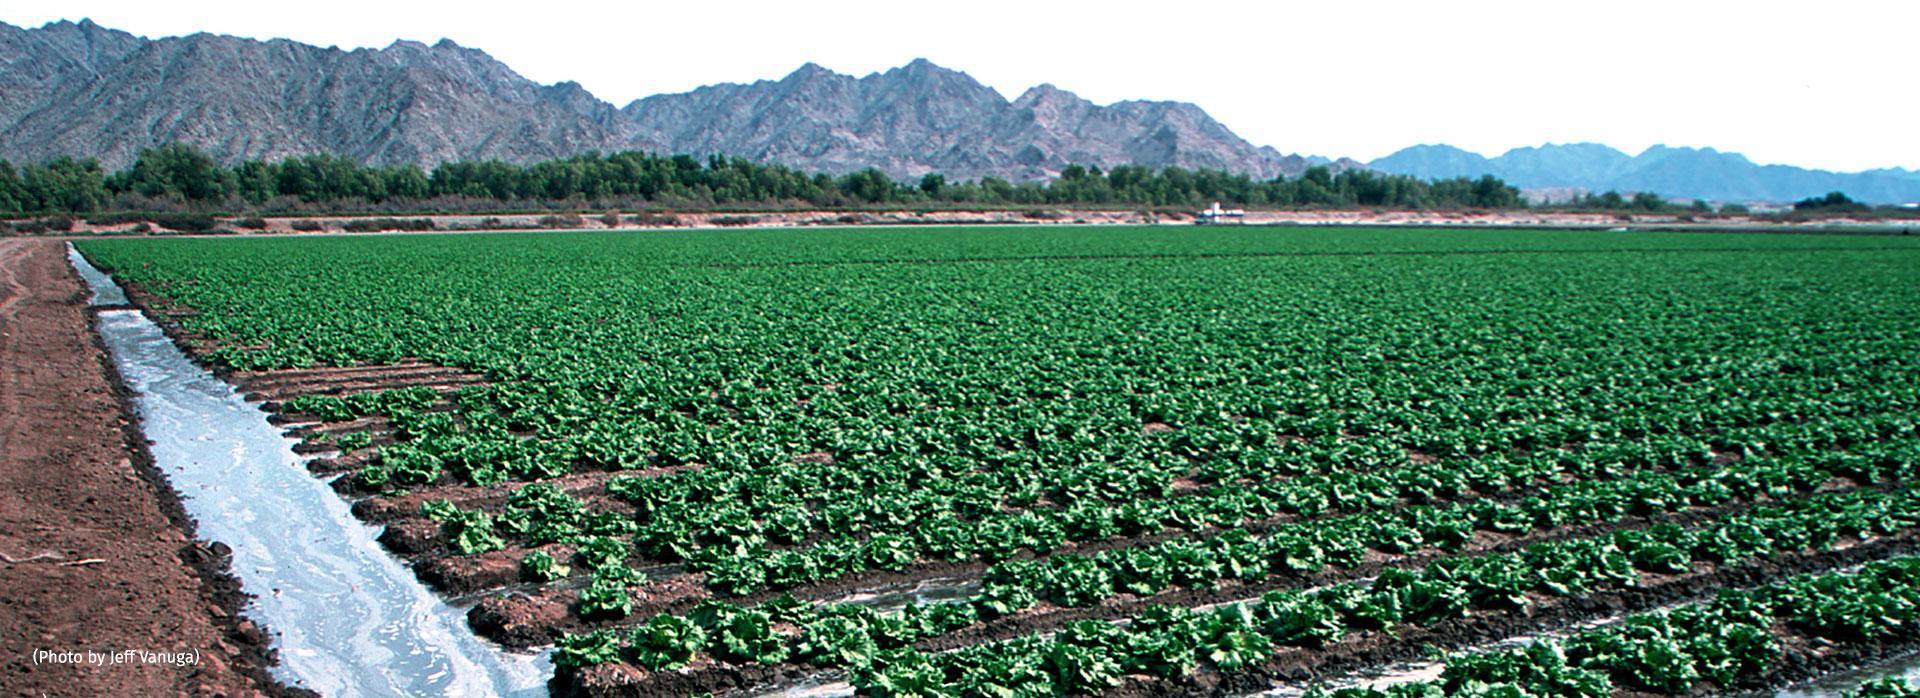 Yuma Lettuce Agriculture